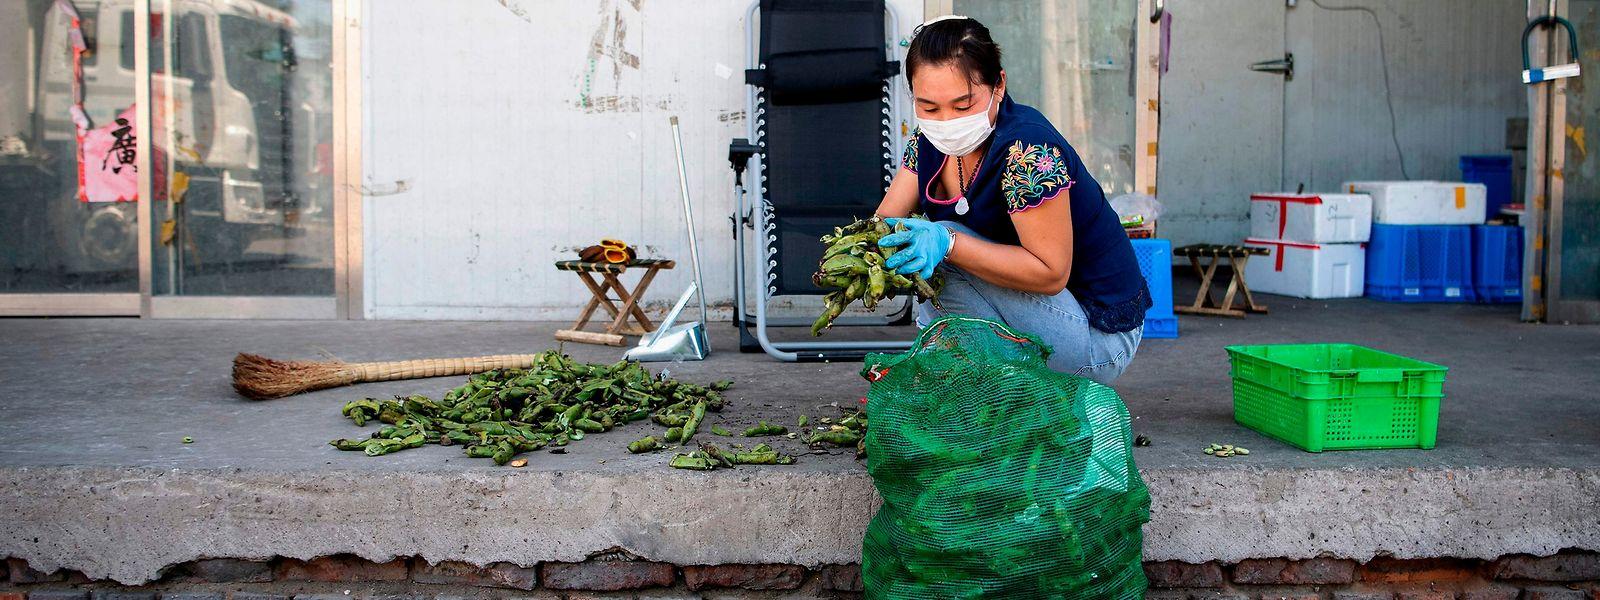 Novo surto foi detetado no mercado de Xinfadi, o principal mercado abastecedor da capital chinesa.